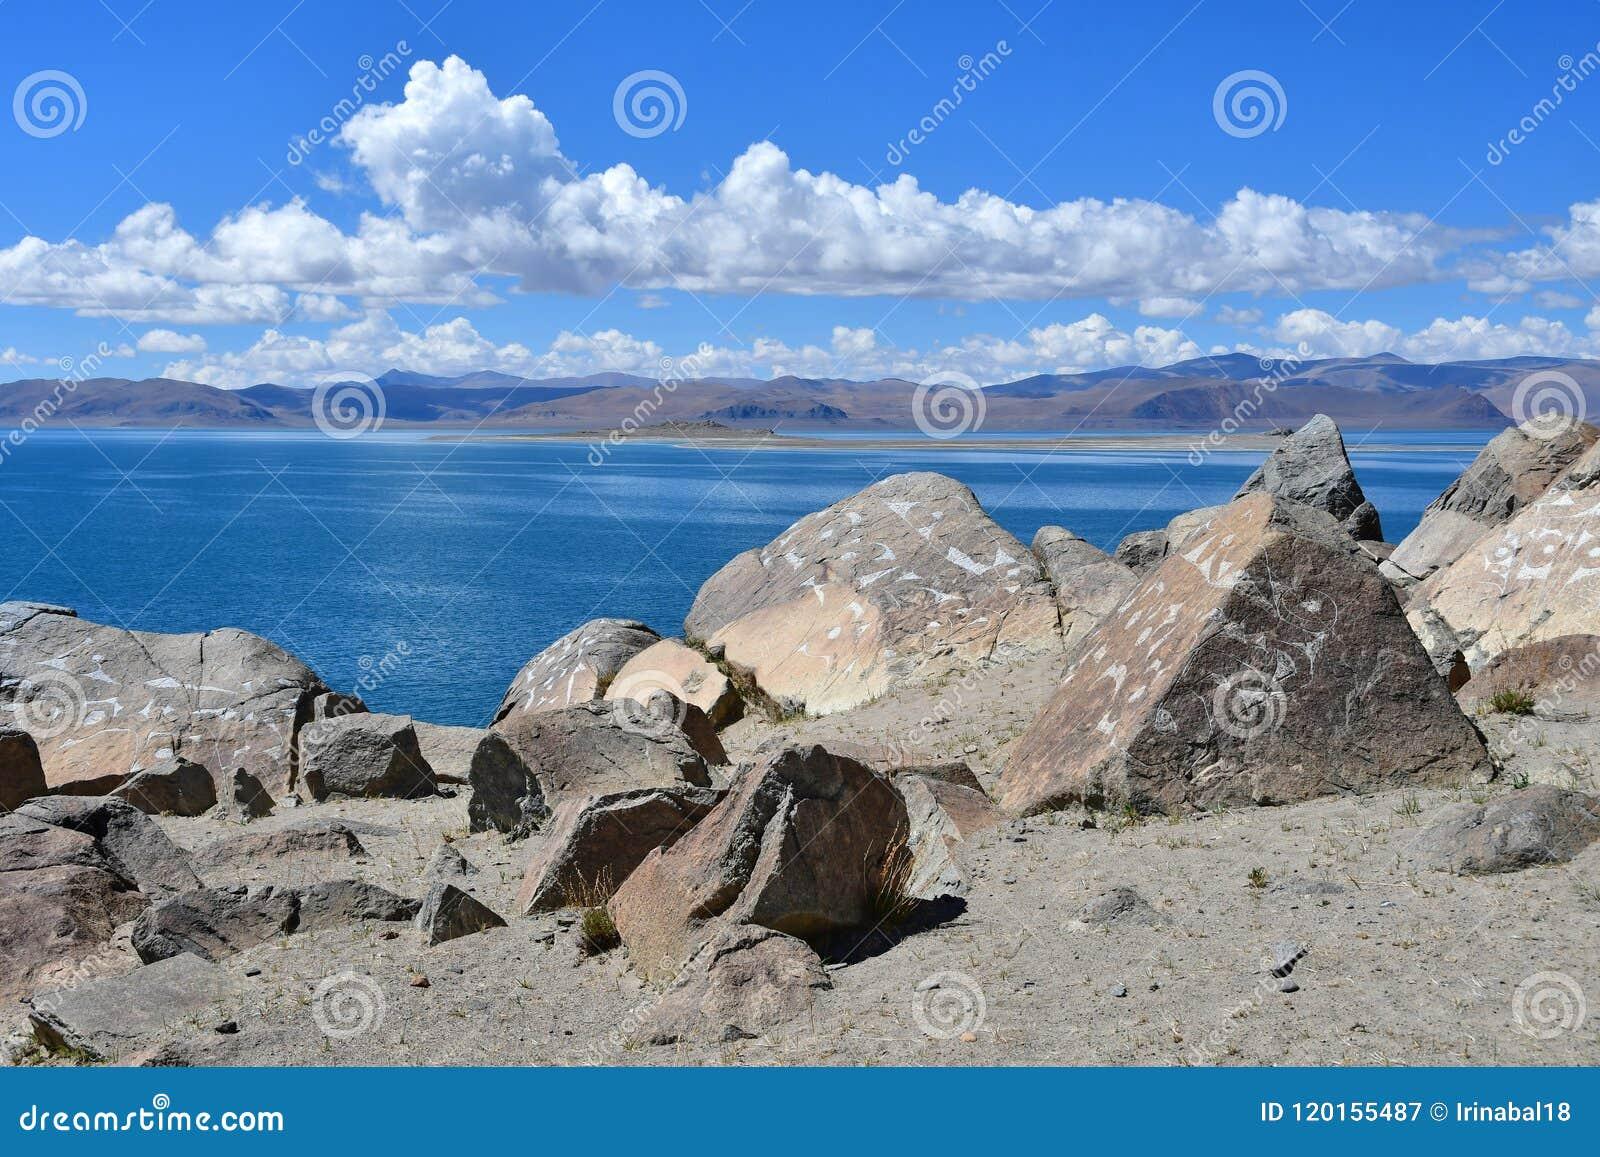 Κίνα Μεγάλες Λίμνες του Θιβέτ Λίμνη Teri Tashi Namtso στην ηλιόλουστη θερινή ημέρα